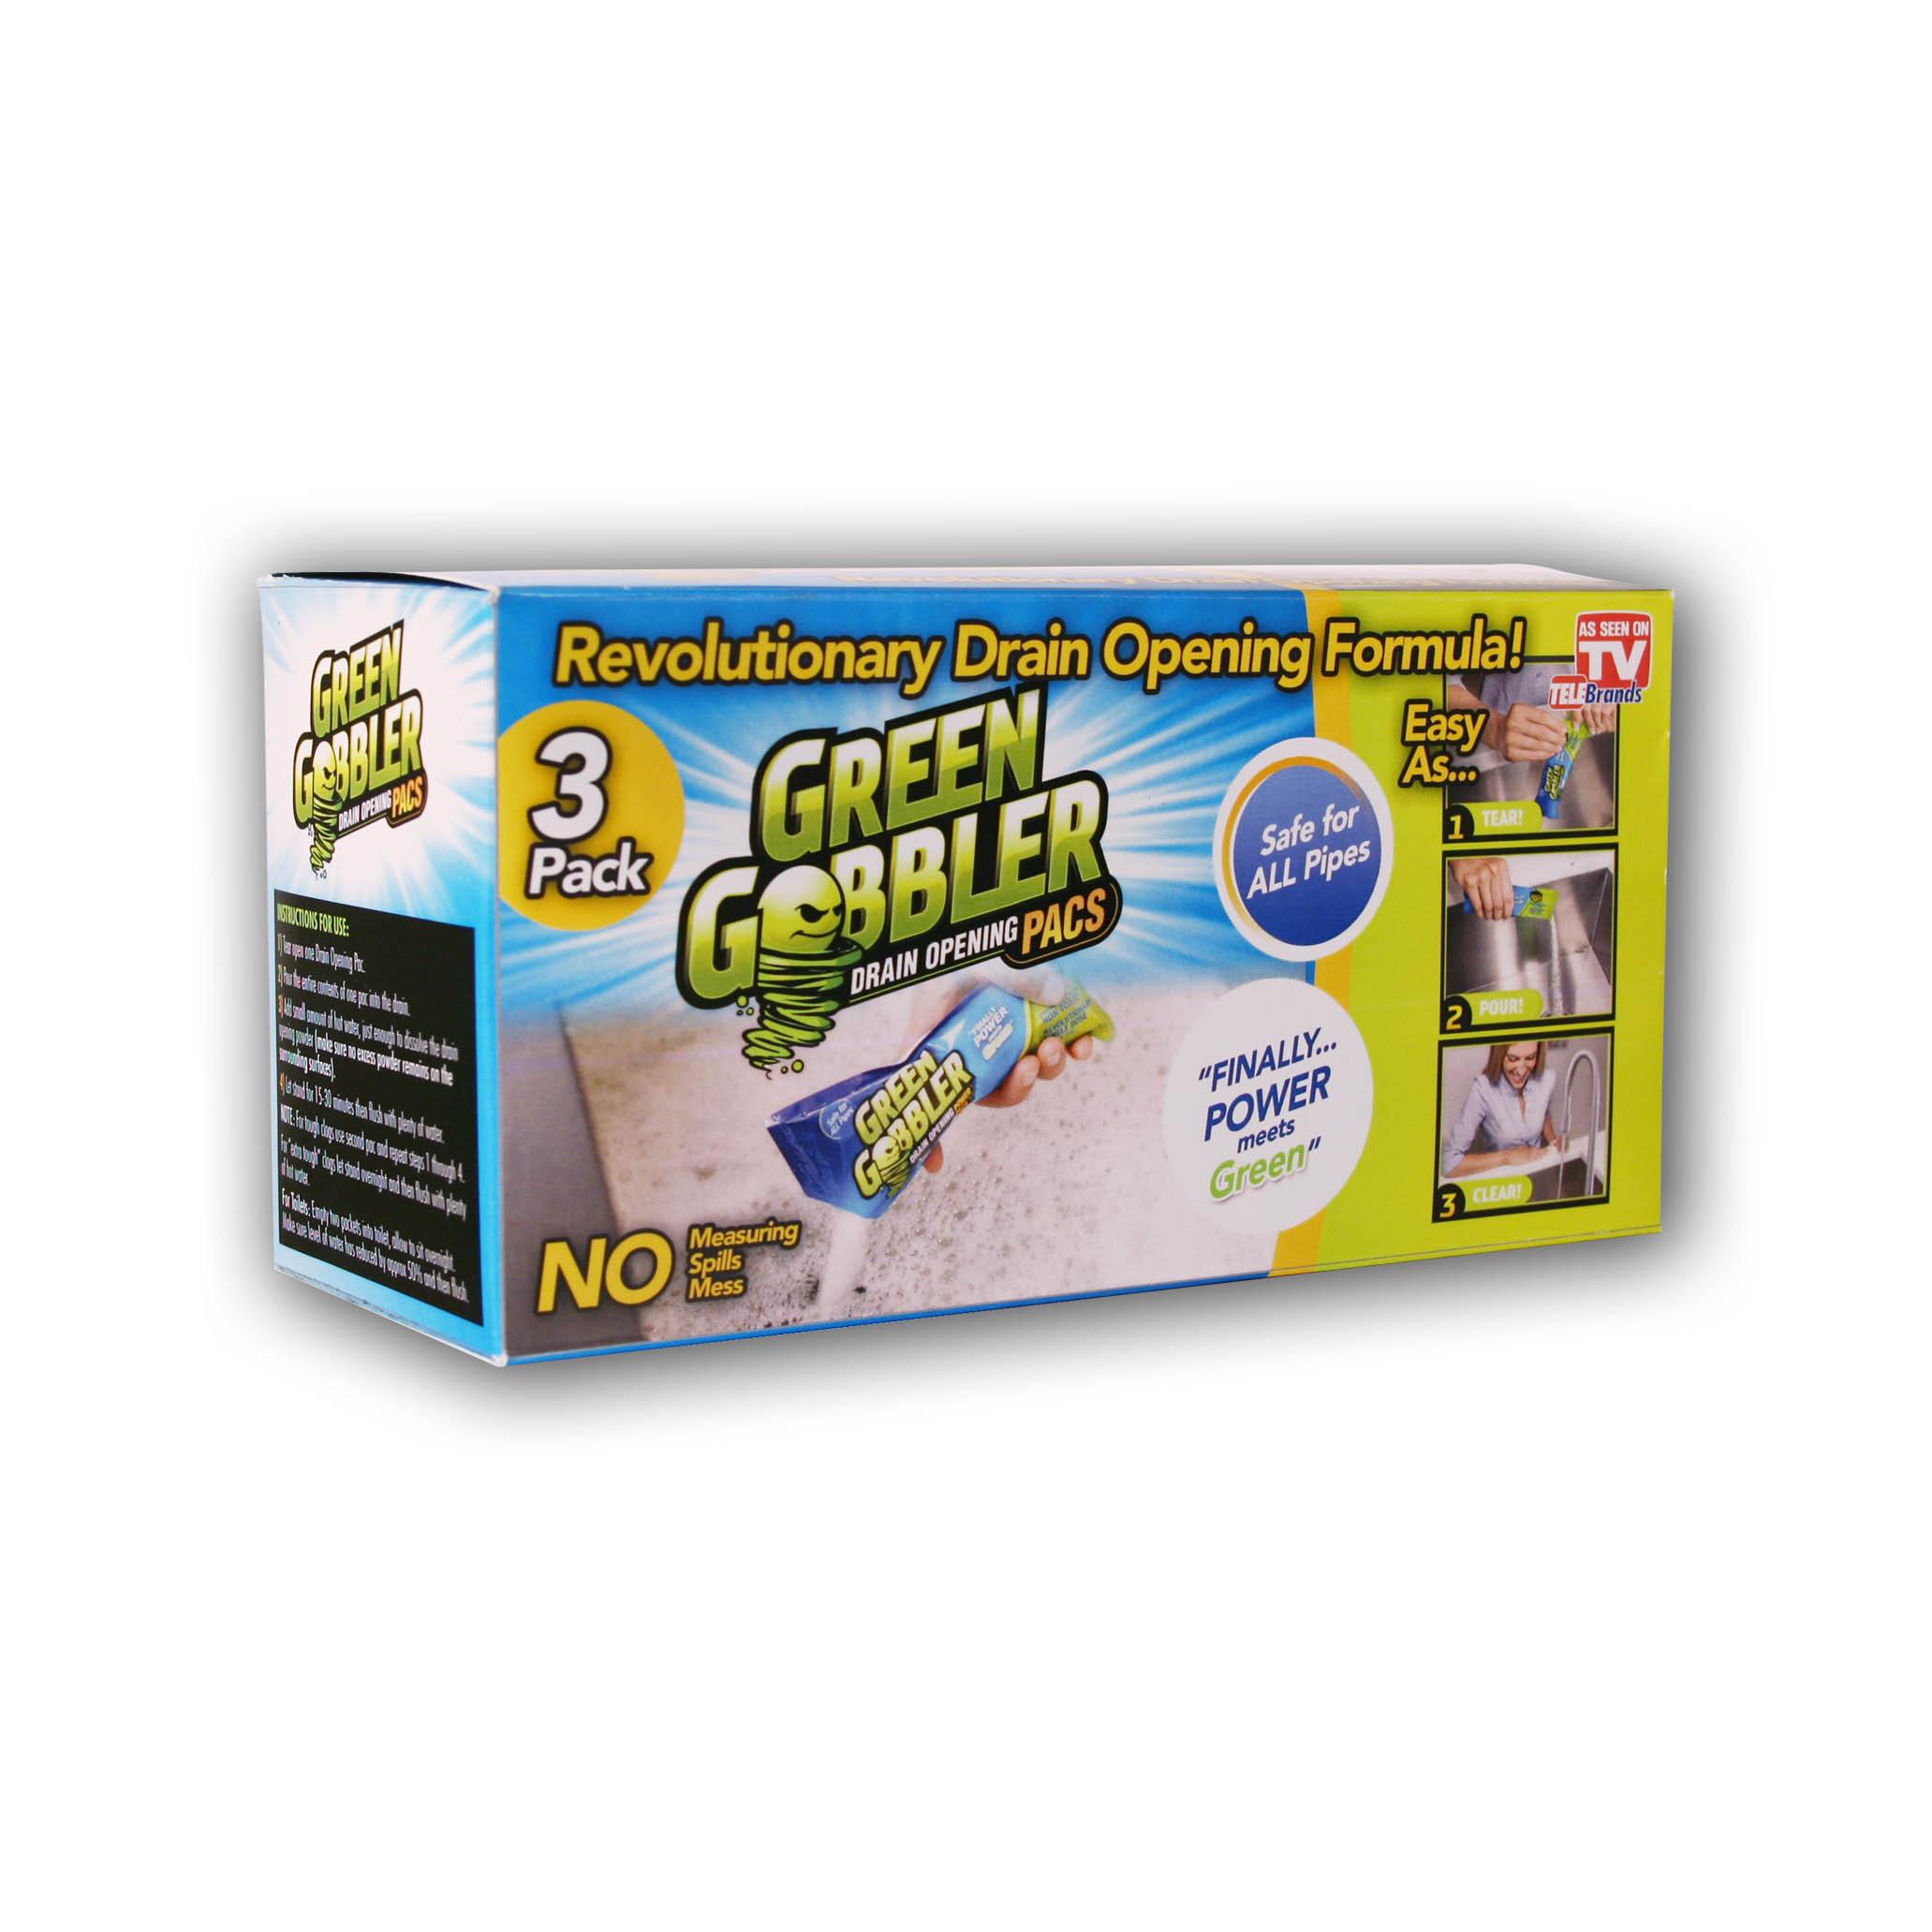 Green Gobbler WS